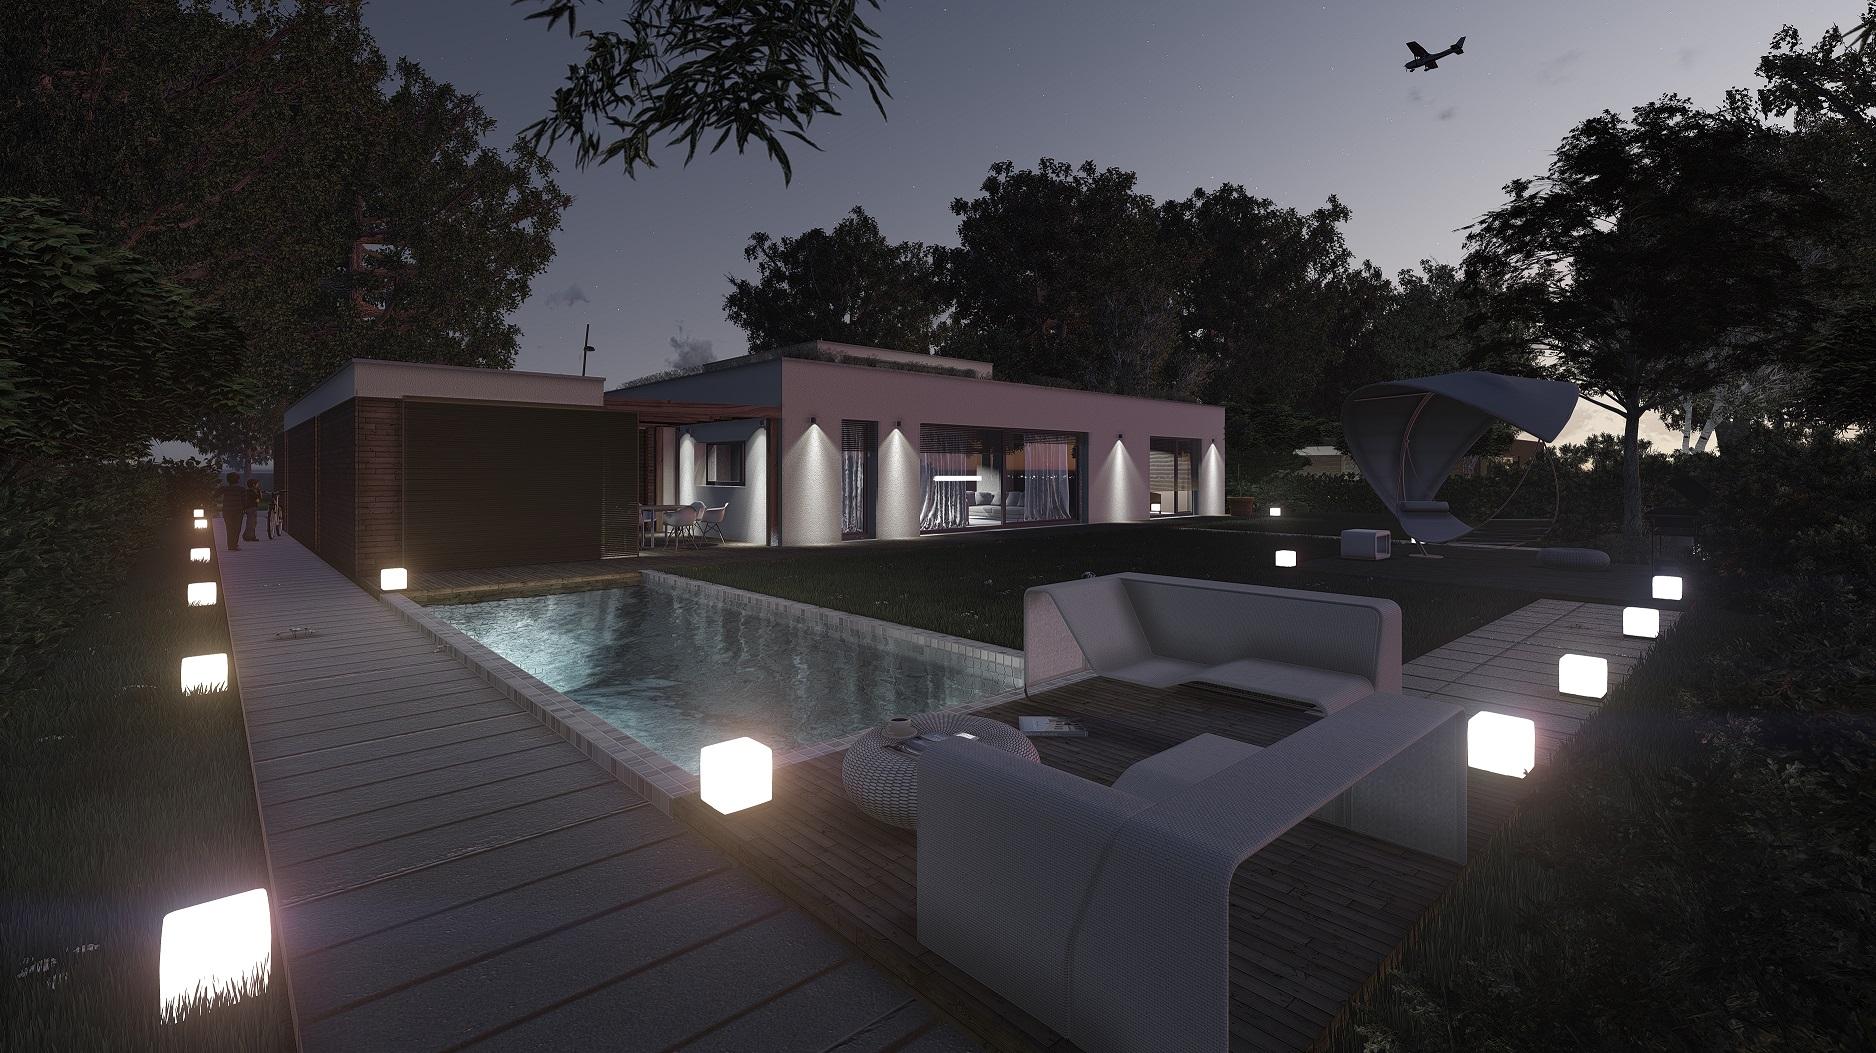 Projekt domu pasywnego DAS HAUS II Domy Czystej Energii widok od ogrodu nocą